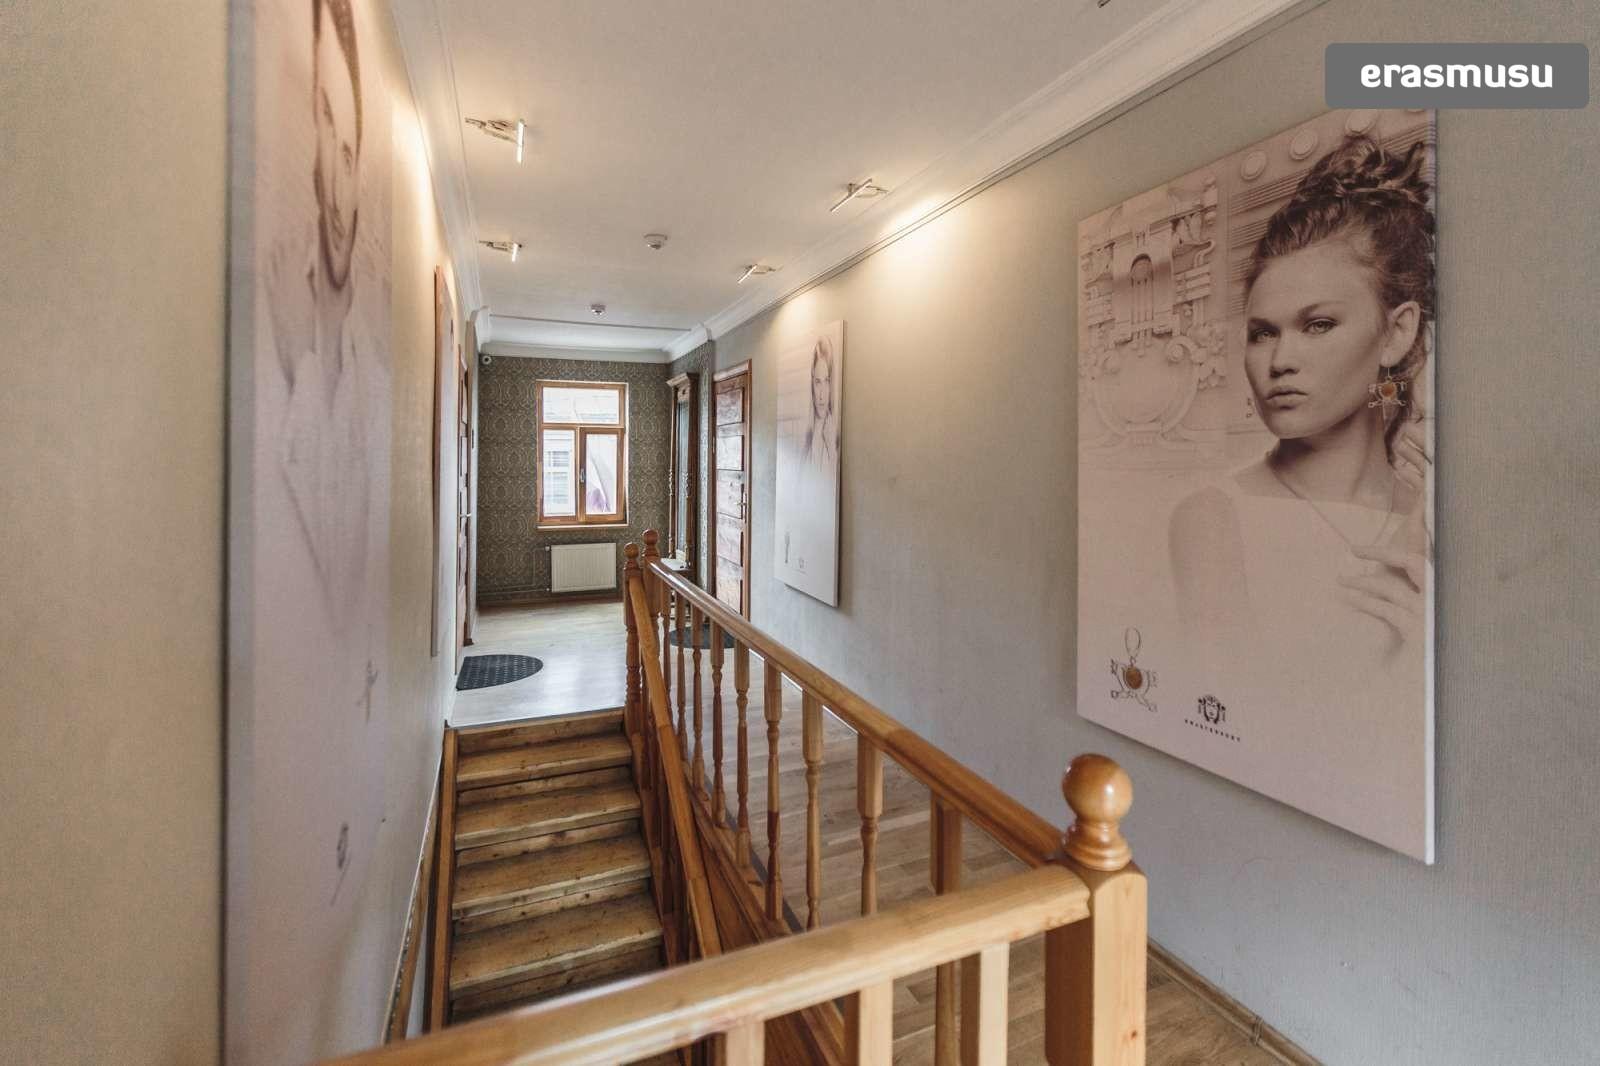 stylish-studio-apartment-rent-avoti-d2b2d4793fe3e010e8cba5428733